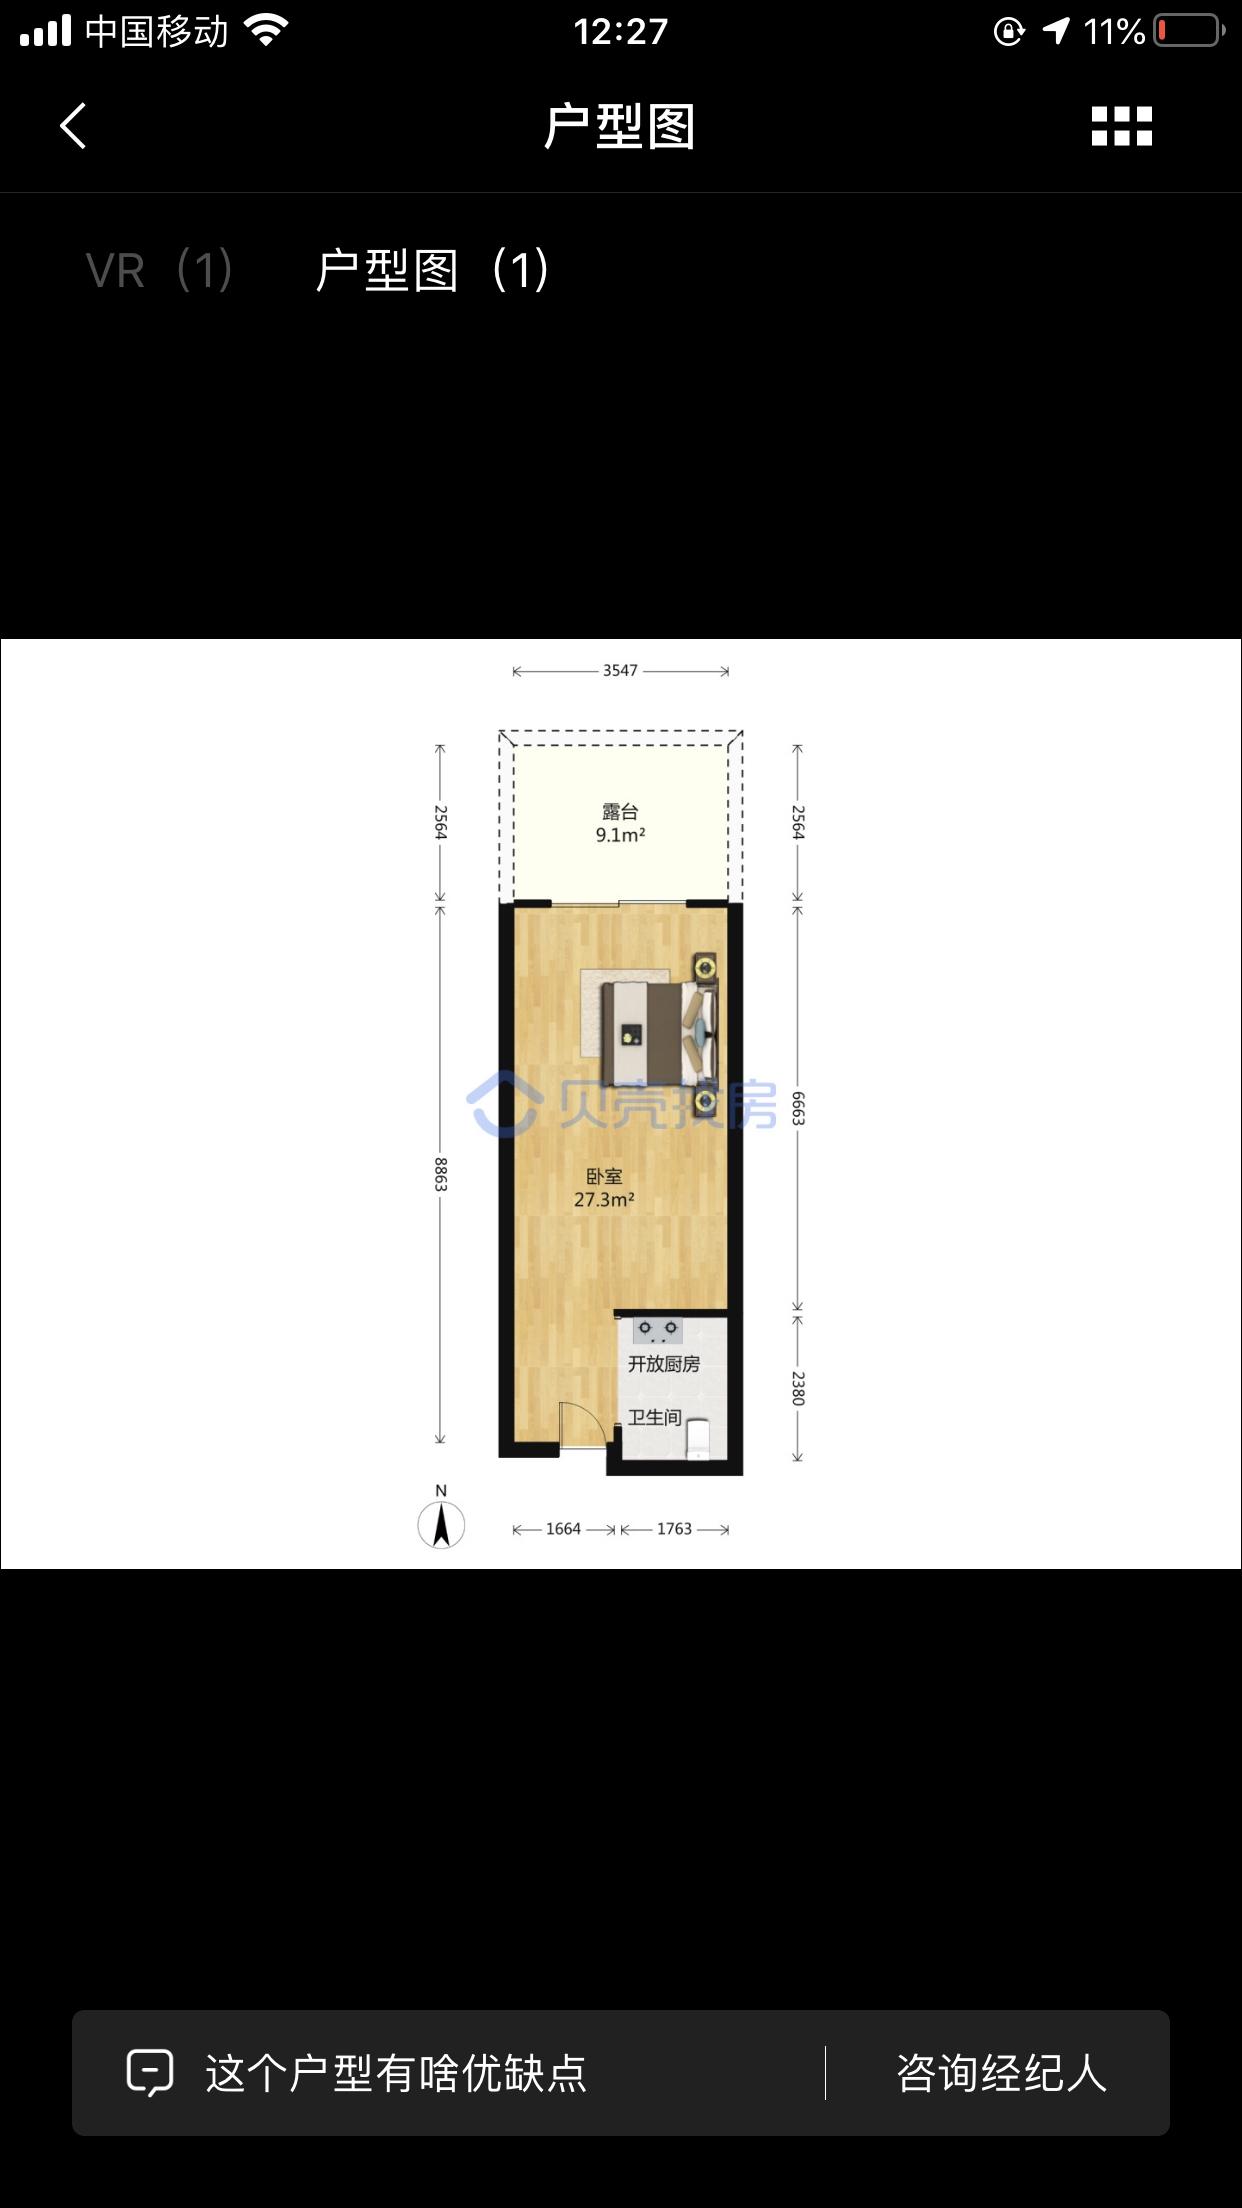 房子45平米 要怎么装修